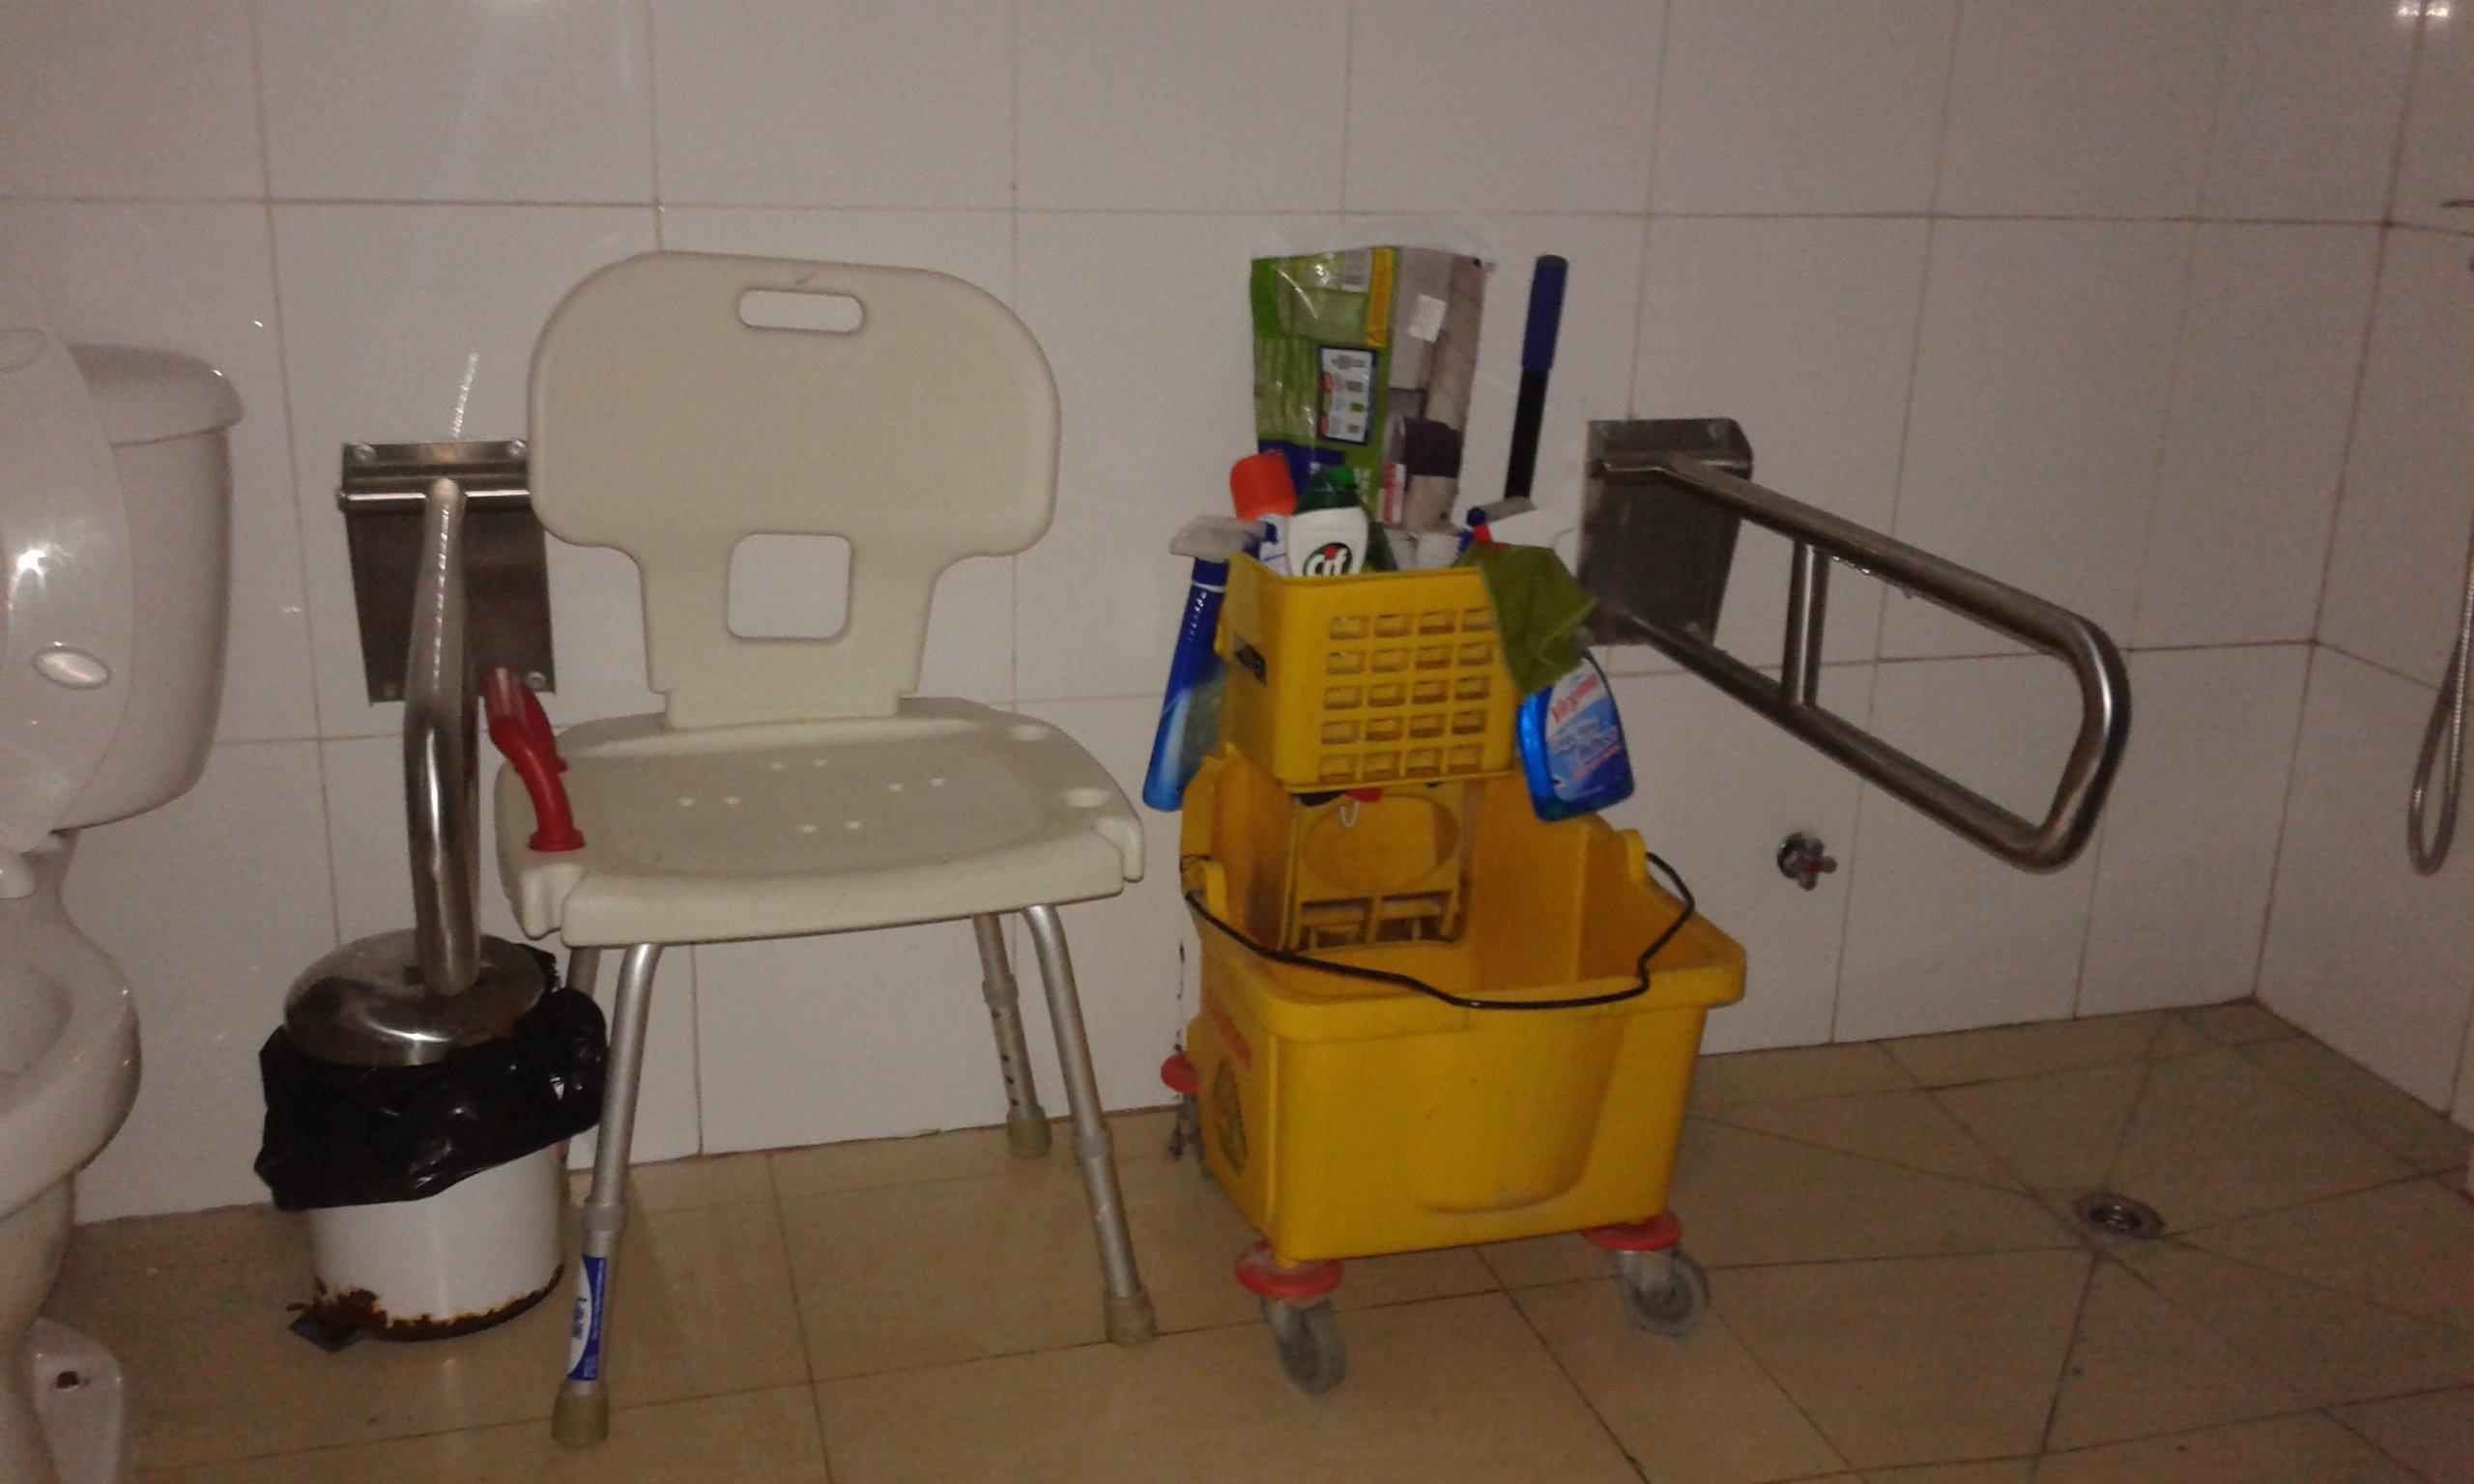 Baño accesible convertido en bodega en piscina abierta a la comunidad de la Universidad de Los Lagos en Chinquihue